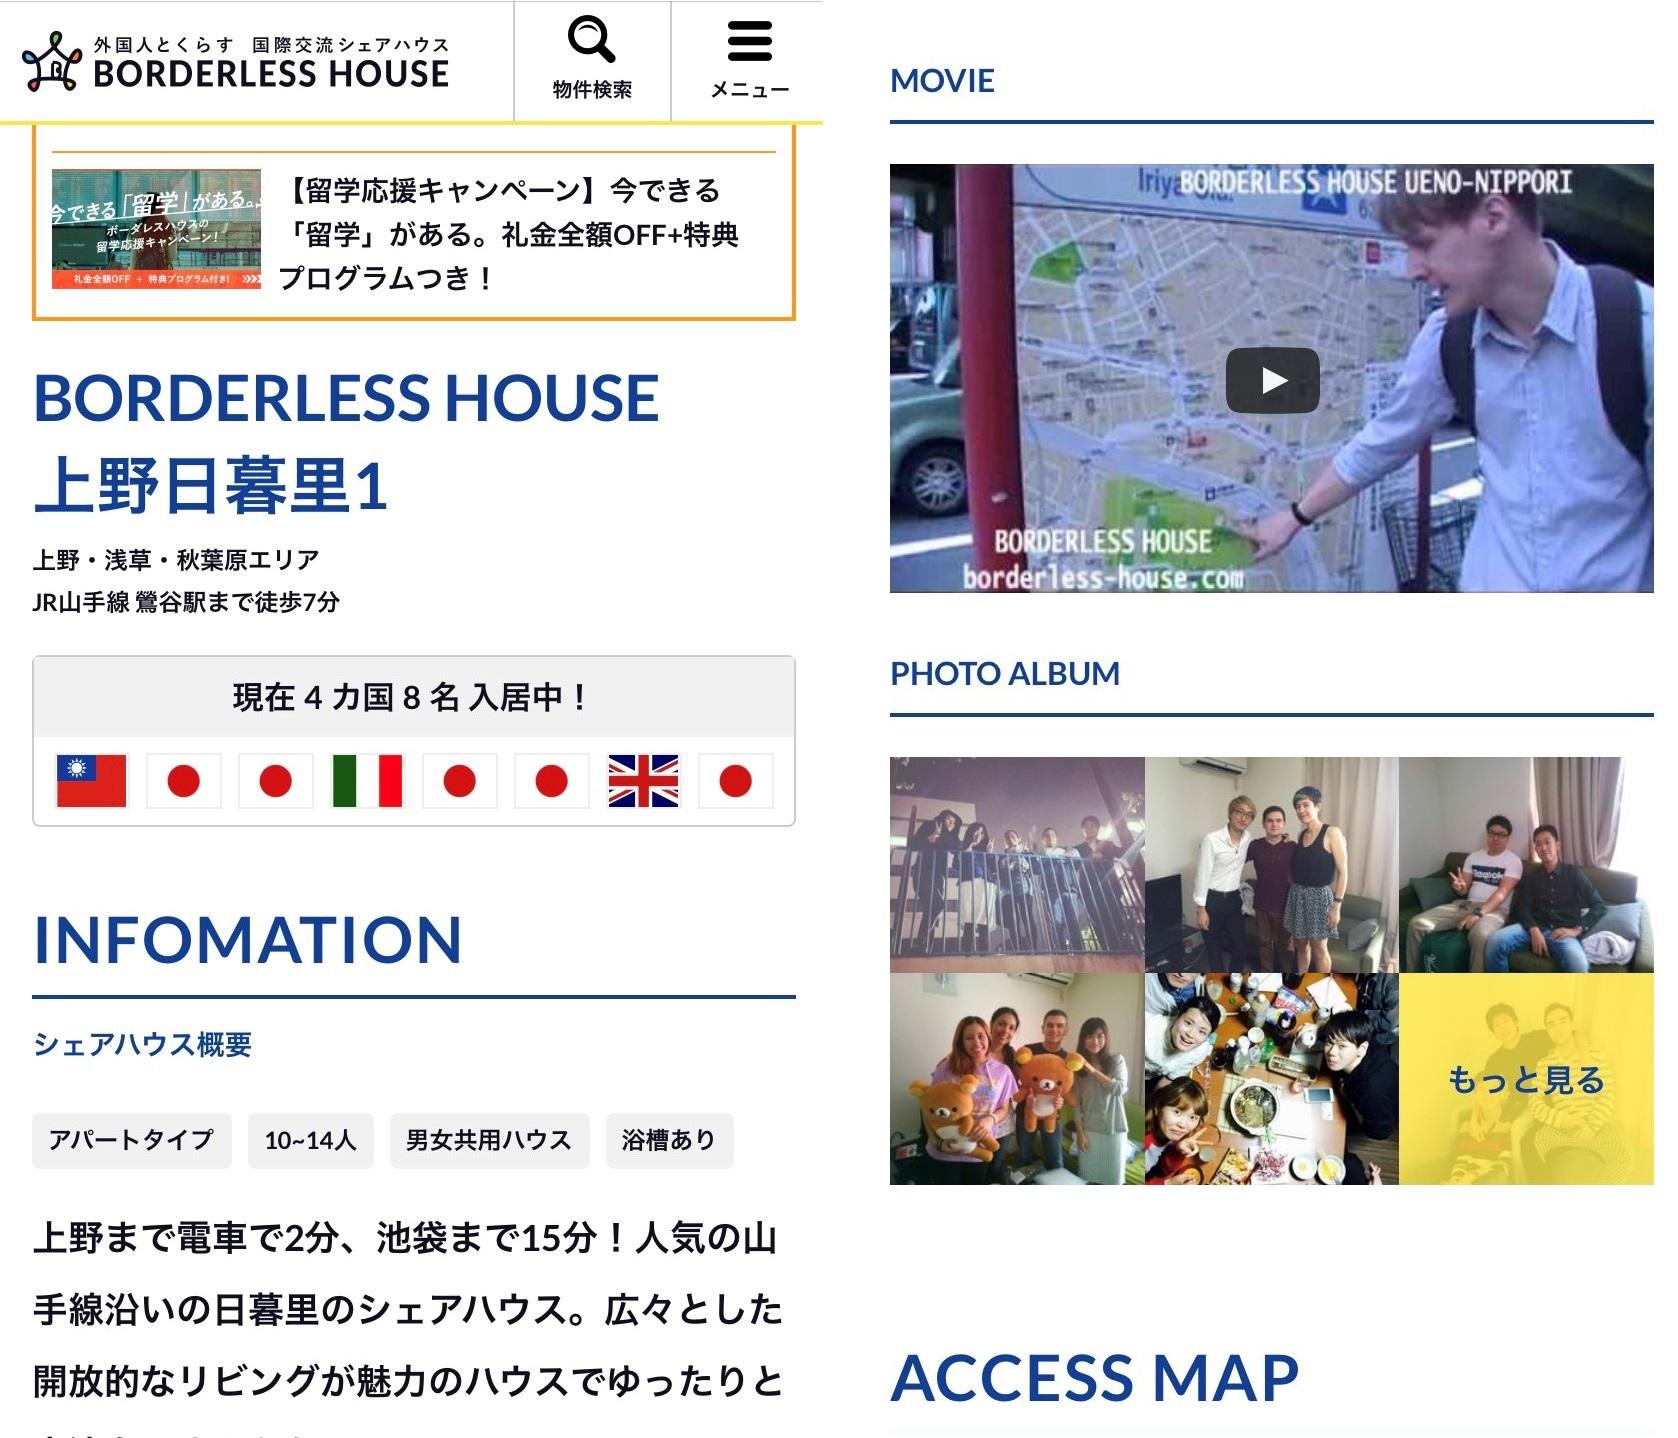 ボーダレスハウス物件詳細(入居者情報)